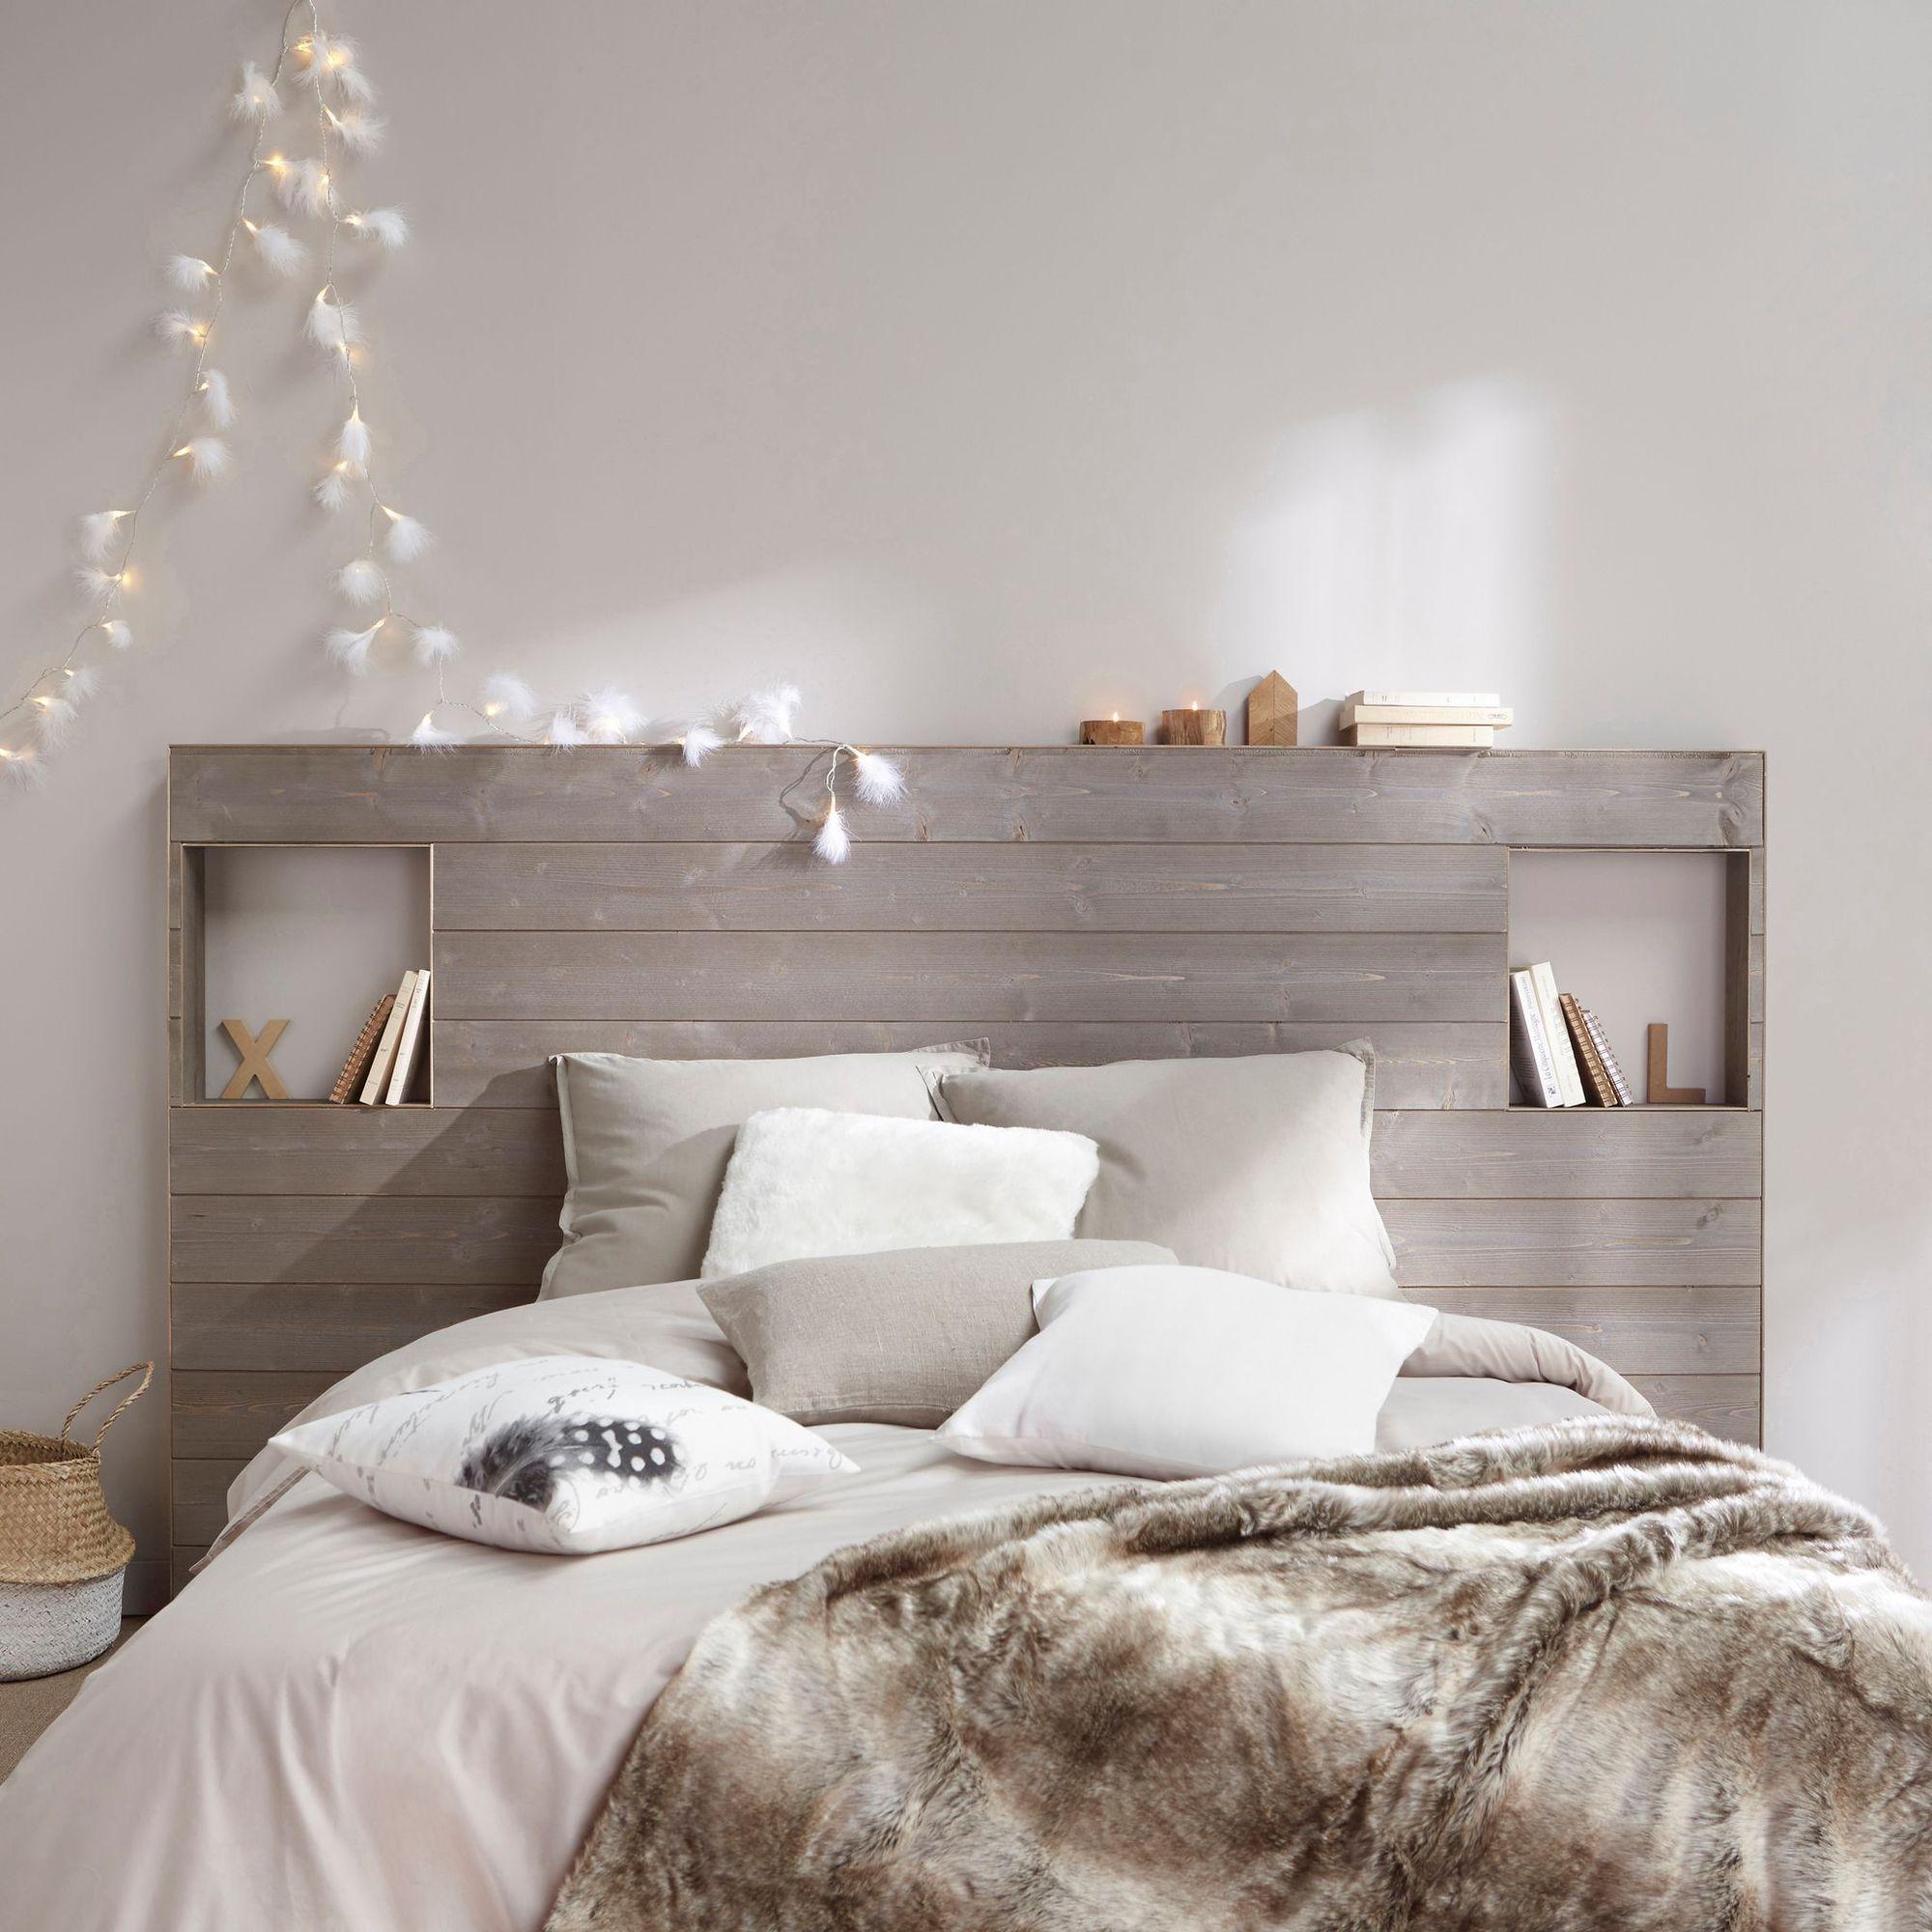 Déco cosy et cocooning 12 idées pour relooker sa chambre